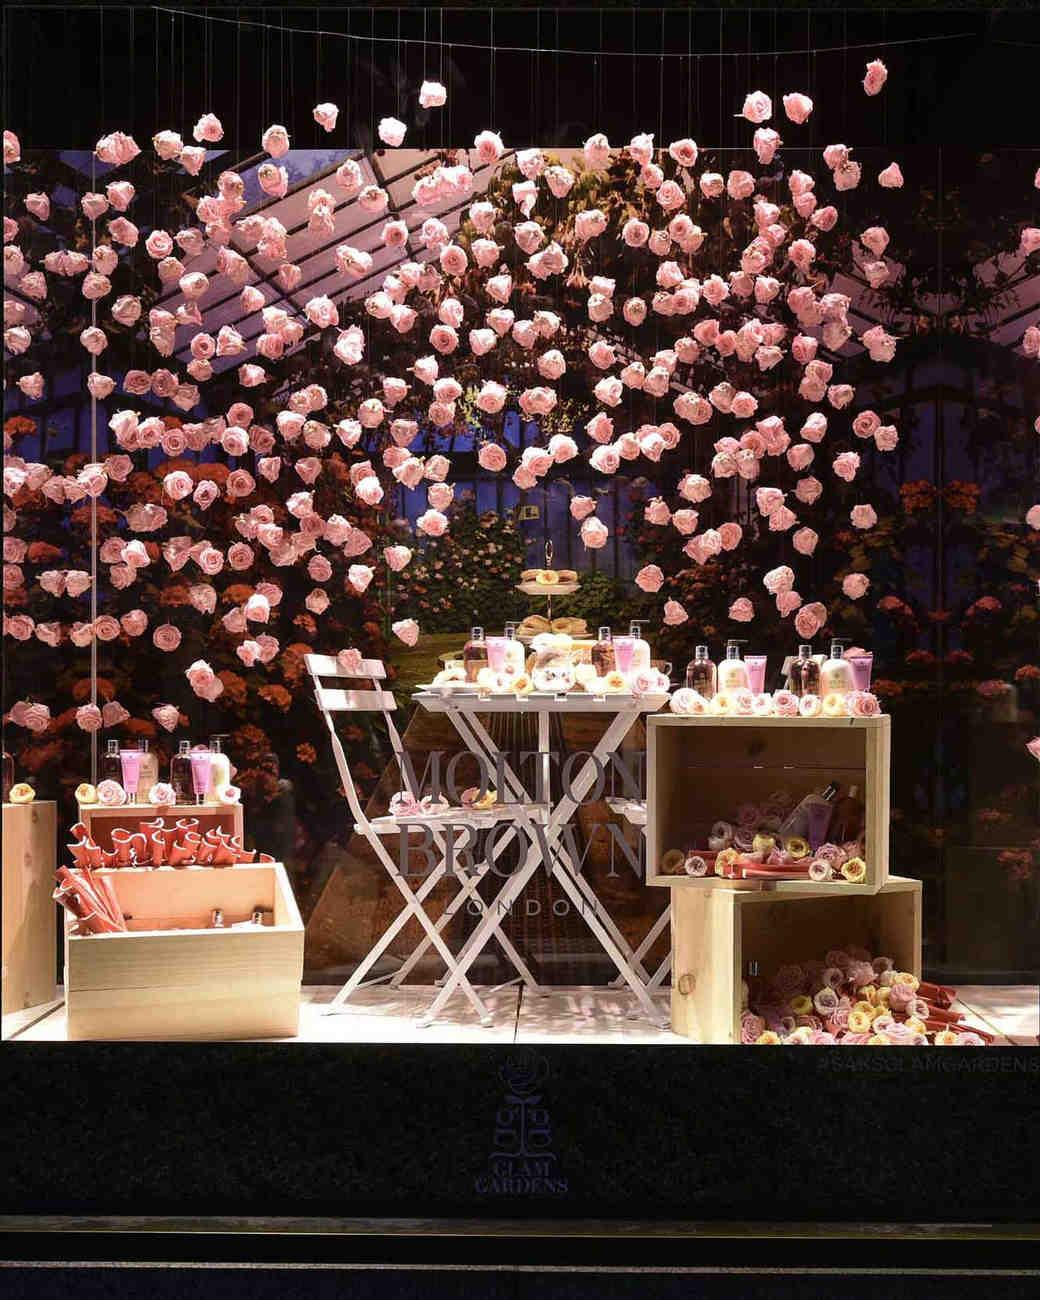 flowerwall-saksfifth-0615.jpg